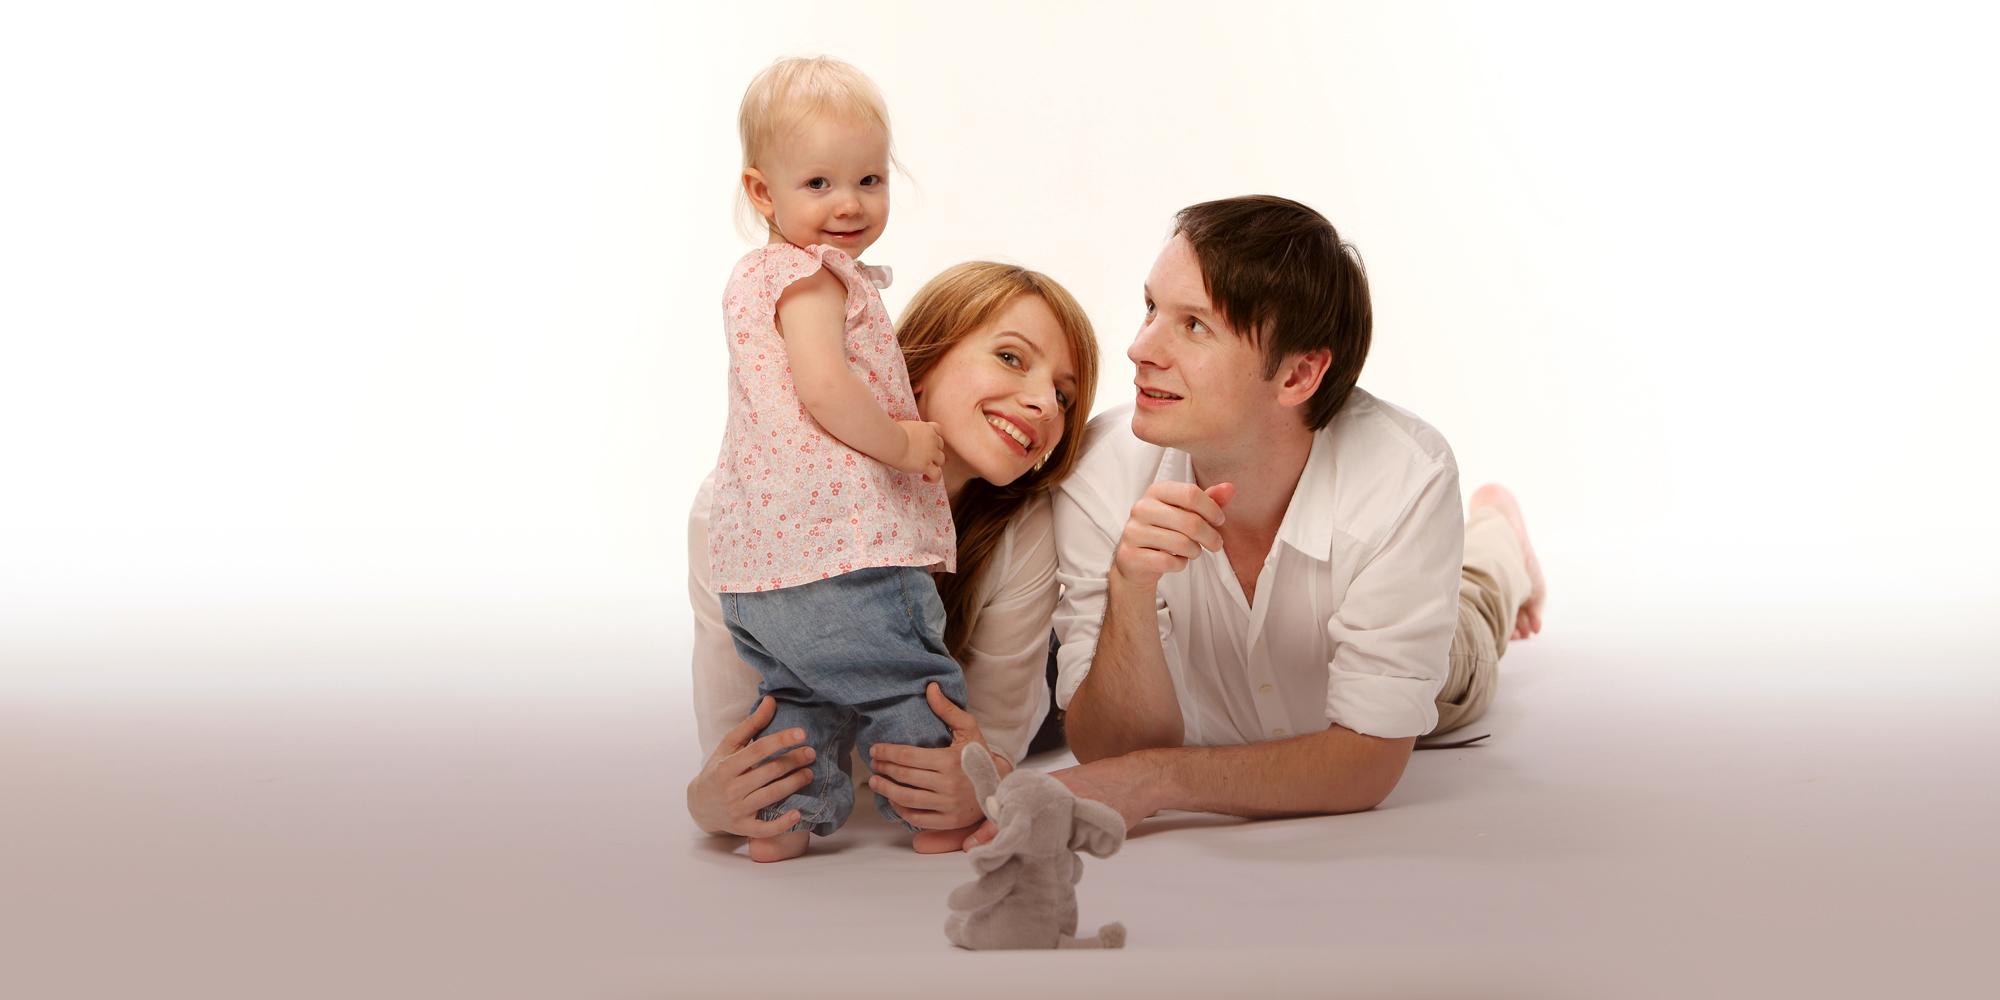 Familienfoto in hellen Farbtönen von einem neugierig schauenden Mann, einer lächelnden, rothaarigen Frau, die liegend ihre Arme auf dem Boden abstützt und ein stehendes, blondes Mädchen vor sich festhält.